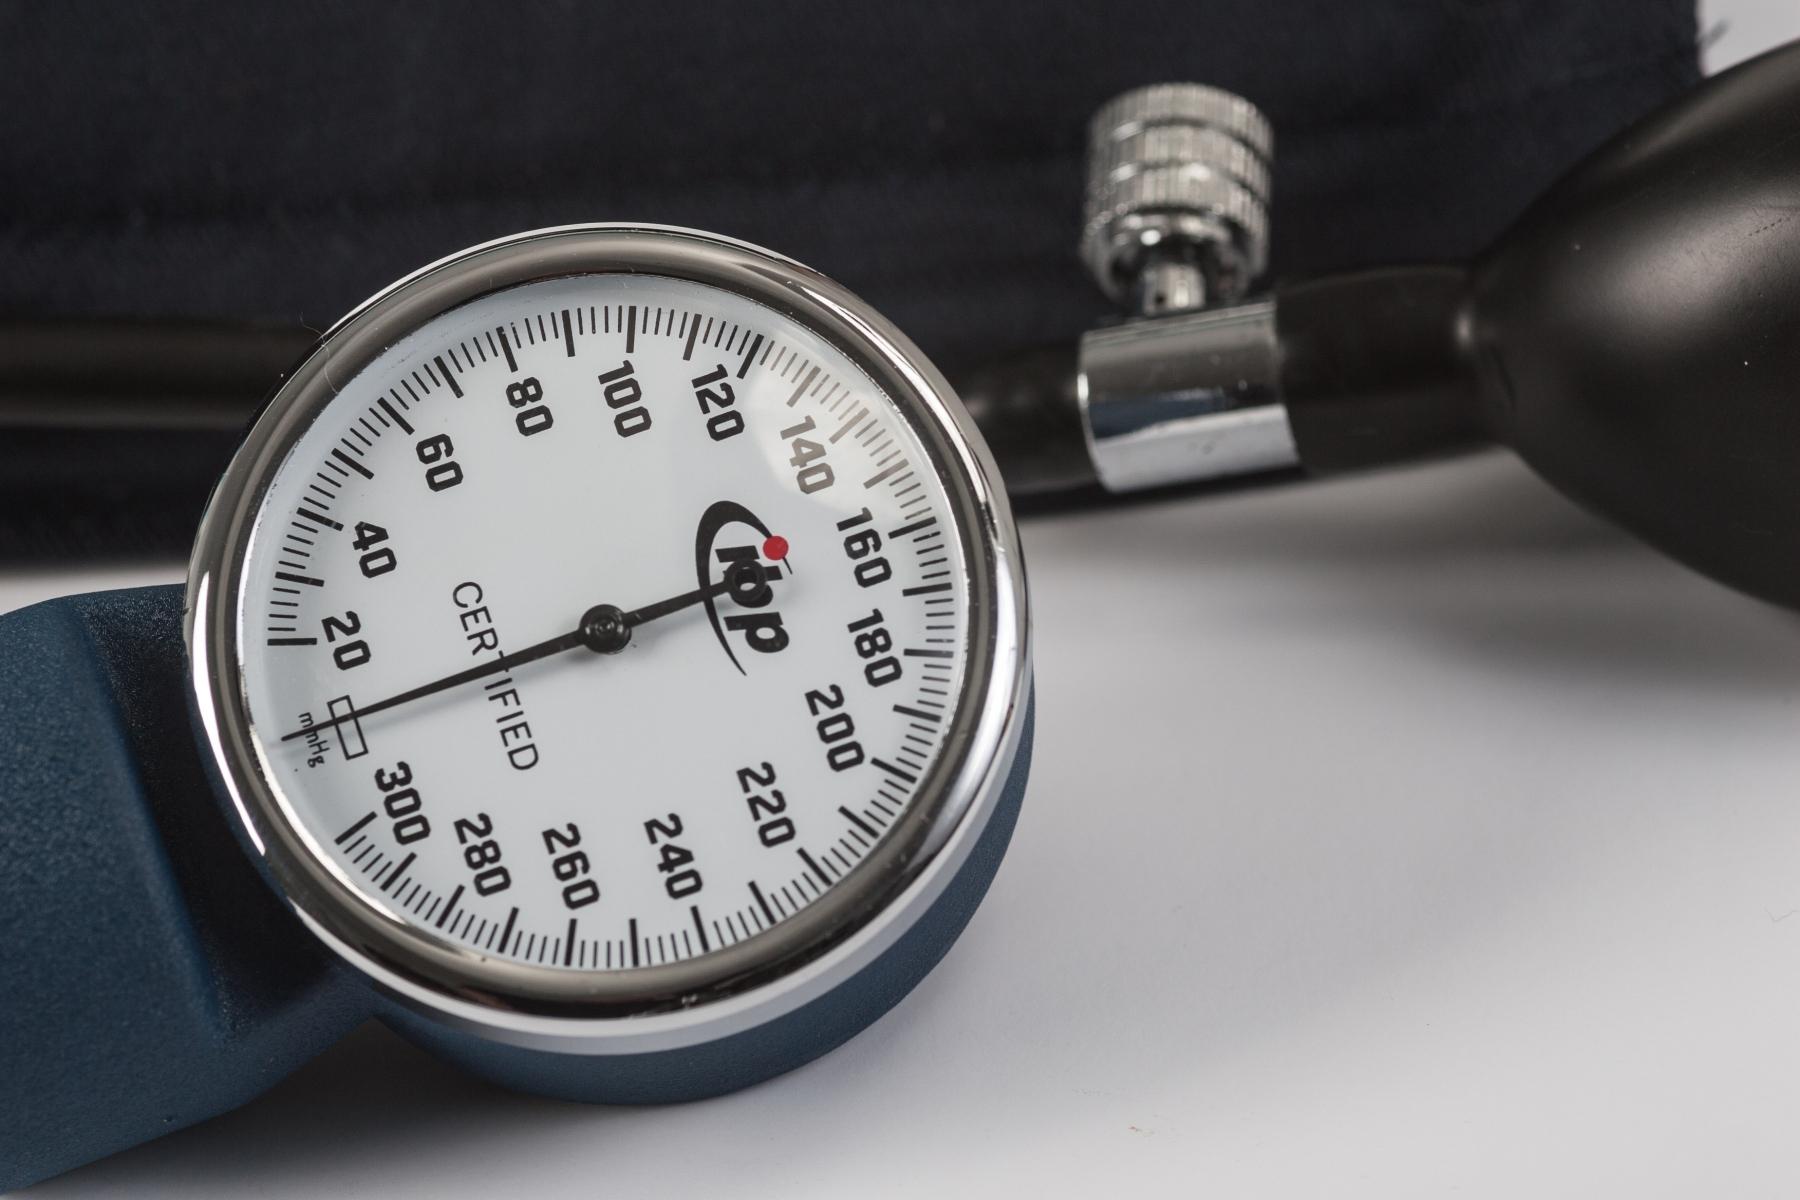 Gesundheit-Blutdruck1